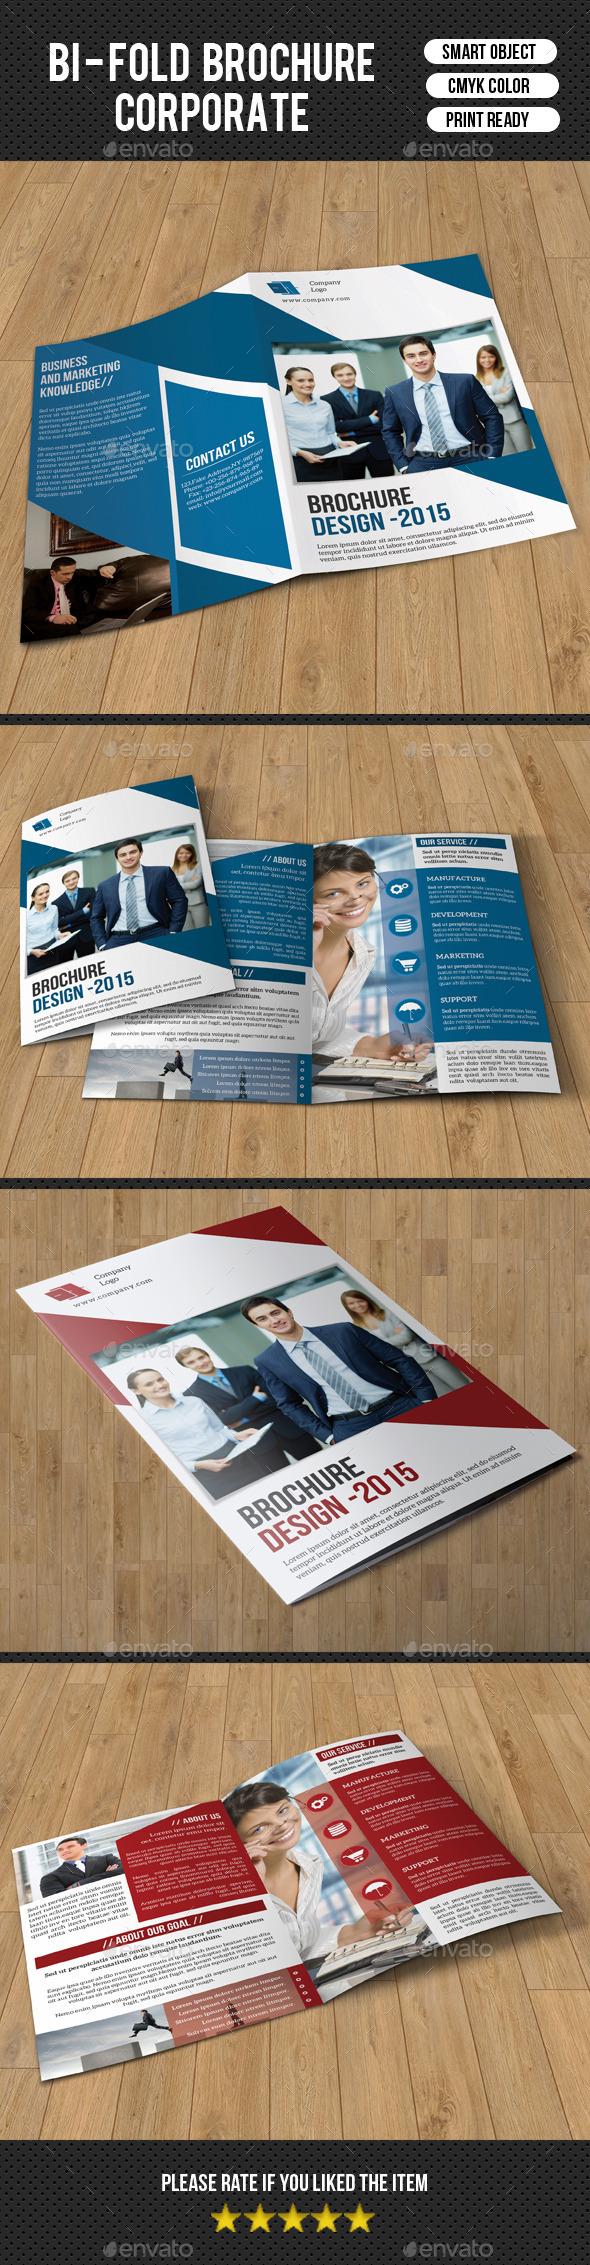 Corporate Bifold Brochure-V180 - Corporate Brochures